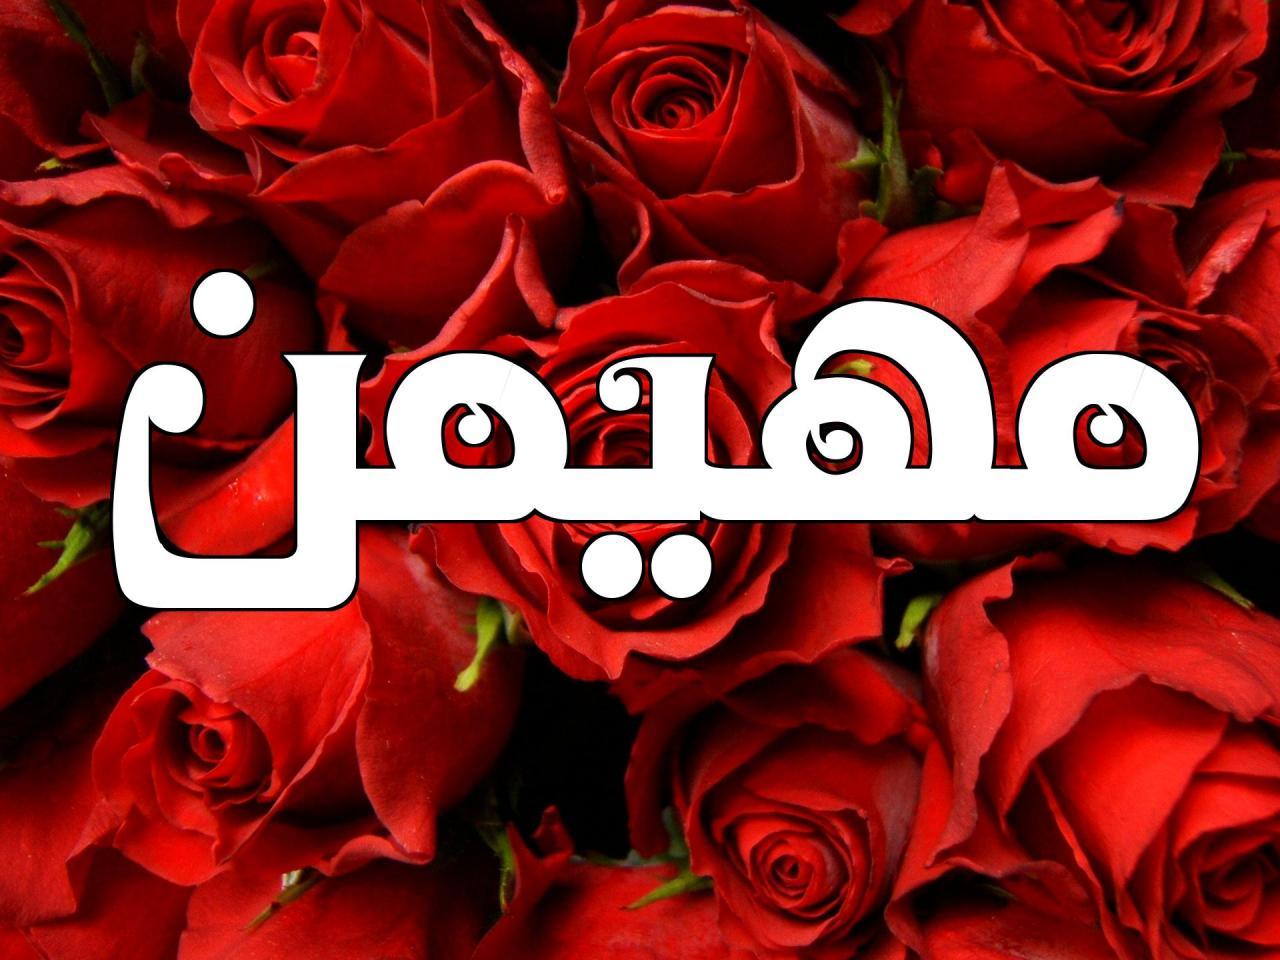 صورة معنى اسم الله المهيمن 11152 2